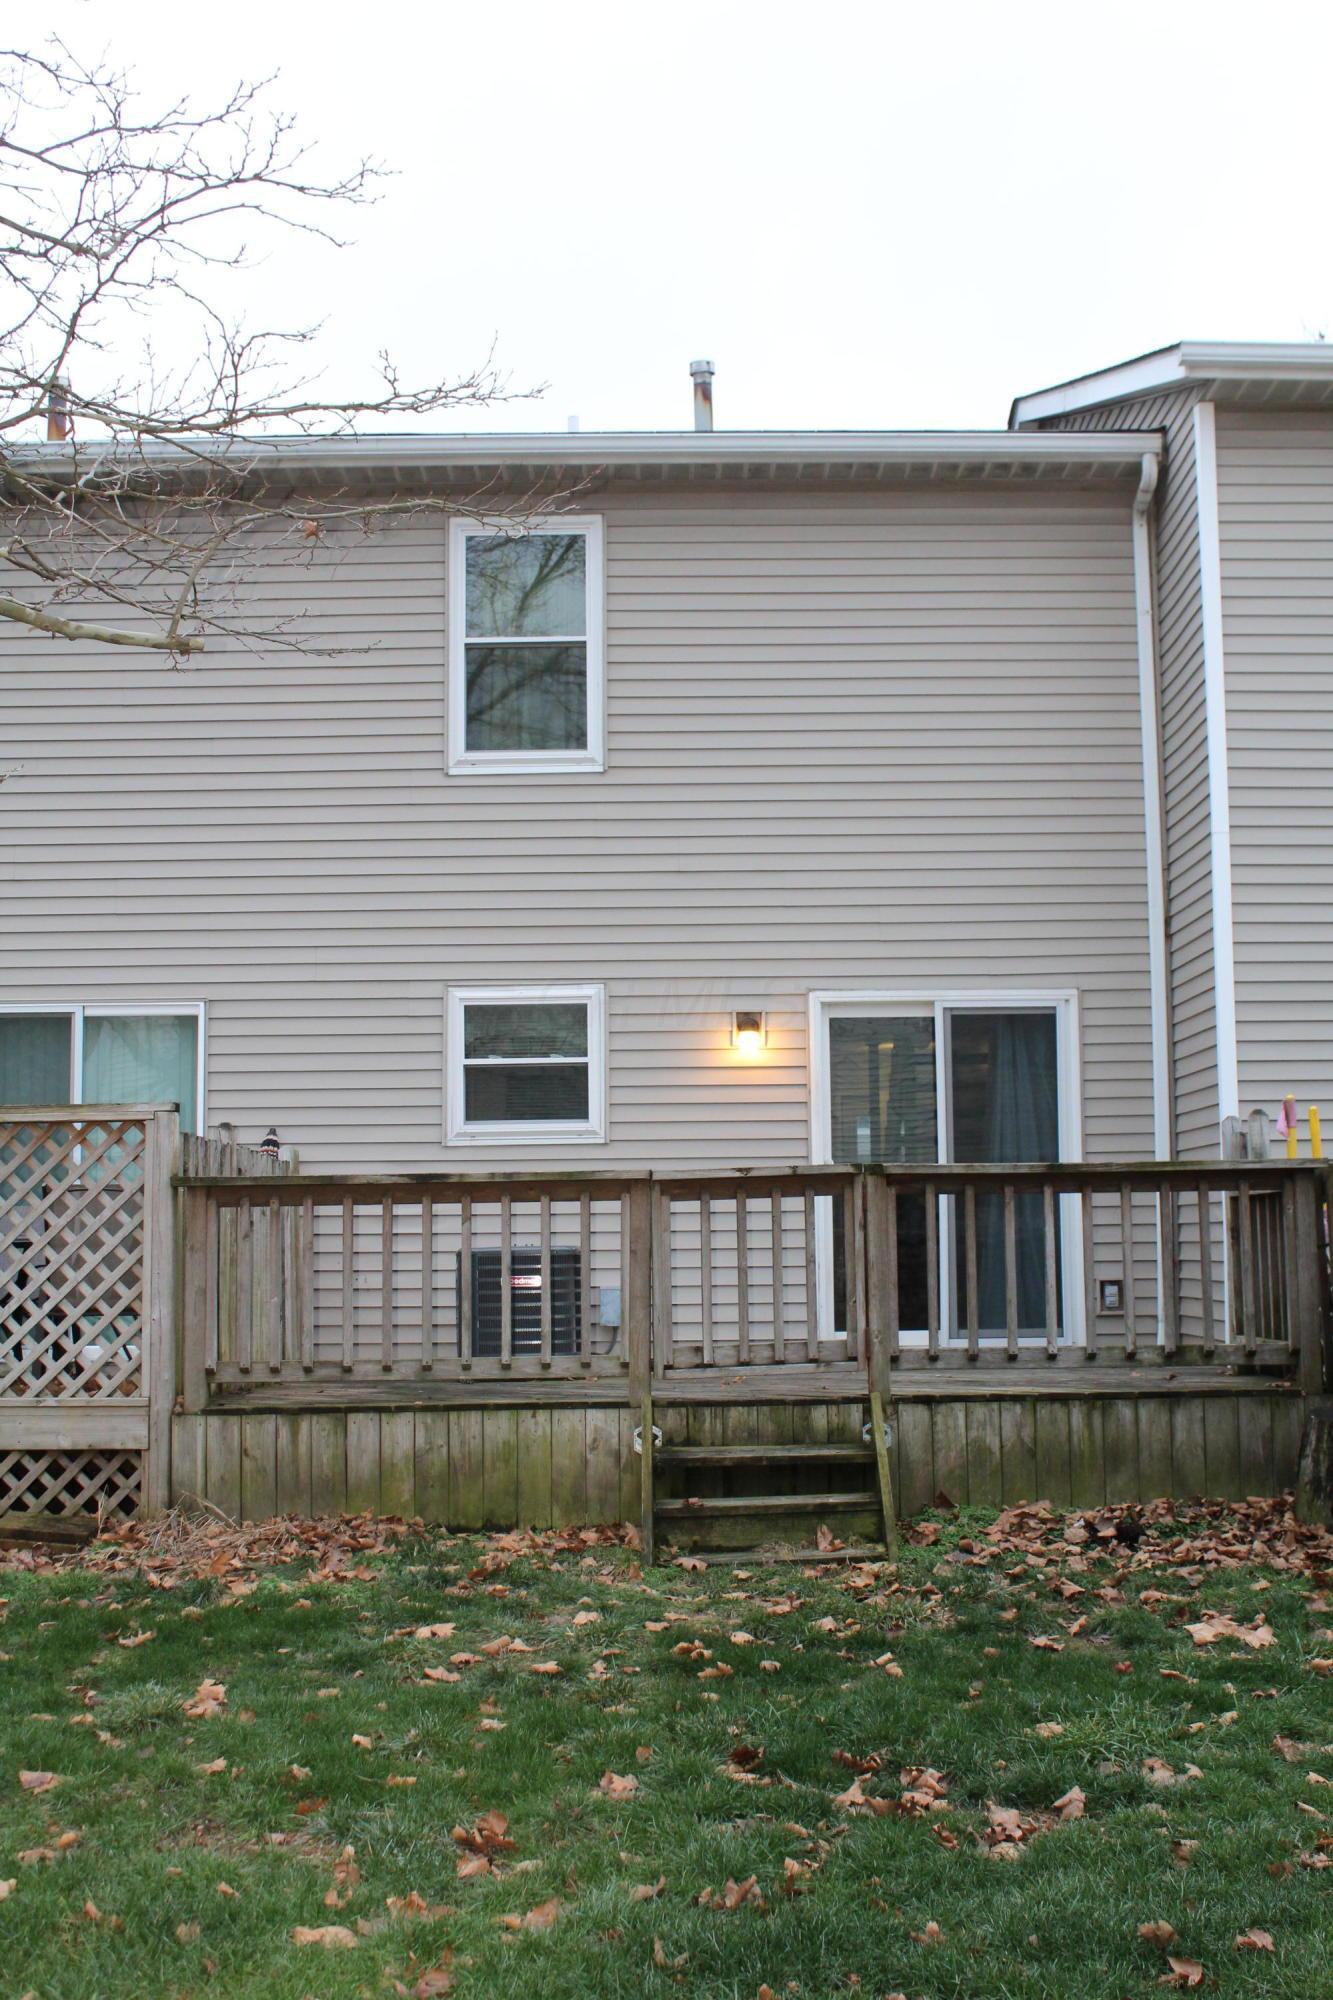 870 Charnwood Lane, Worthington, Ohio 43085, 2 Bedrooms Bedrooms, ,2 BathroomsBathrooms,Residential,For Sale,Charnwood,221000549